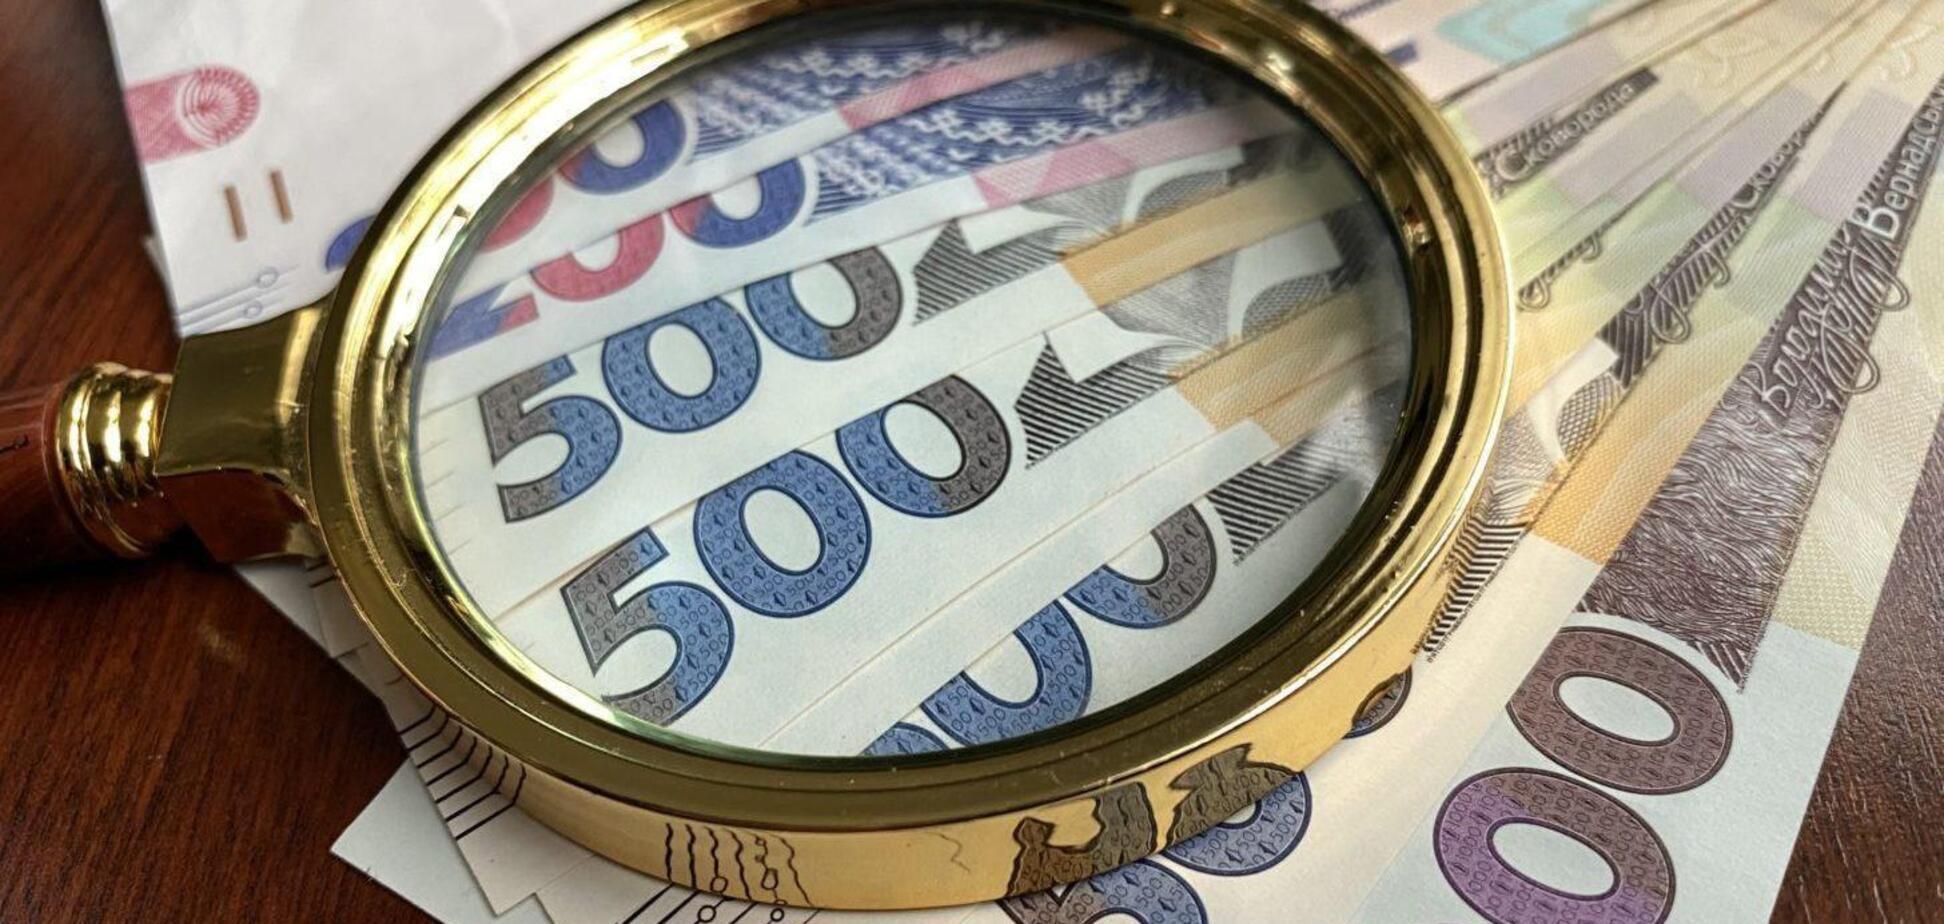 Бюро економічної безпеки: більше надій чи застережень?